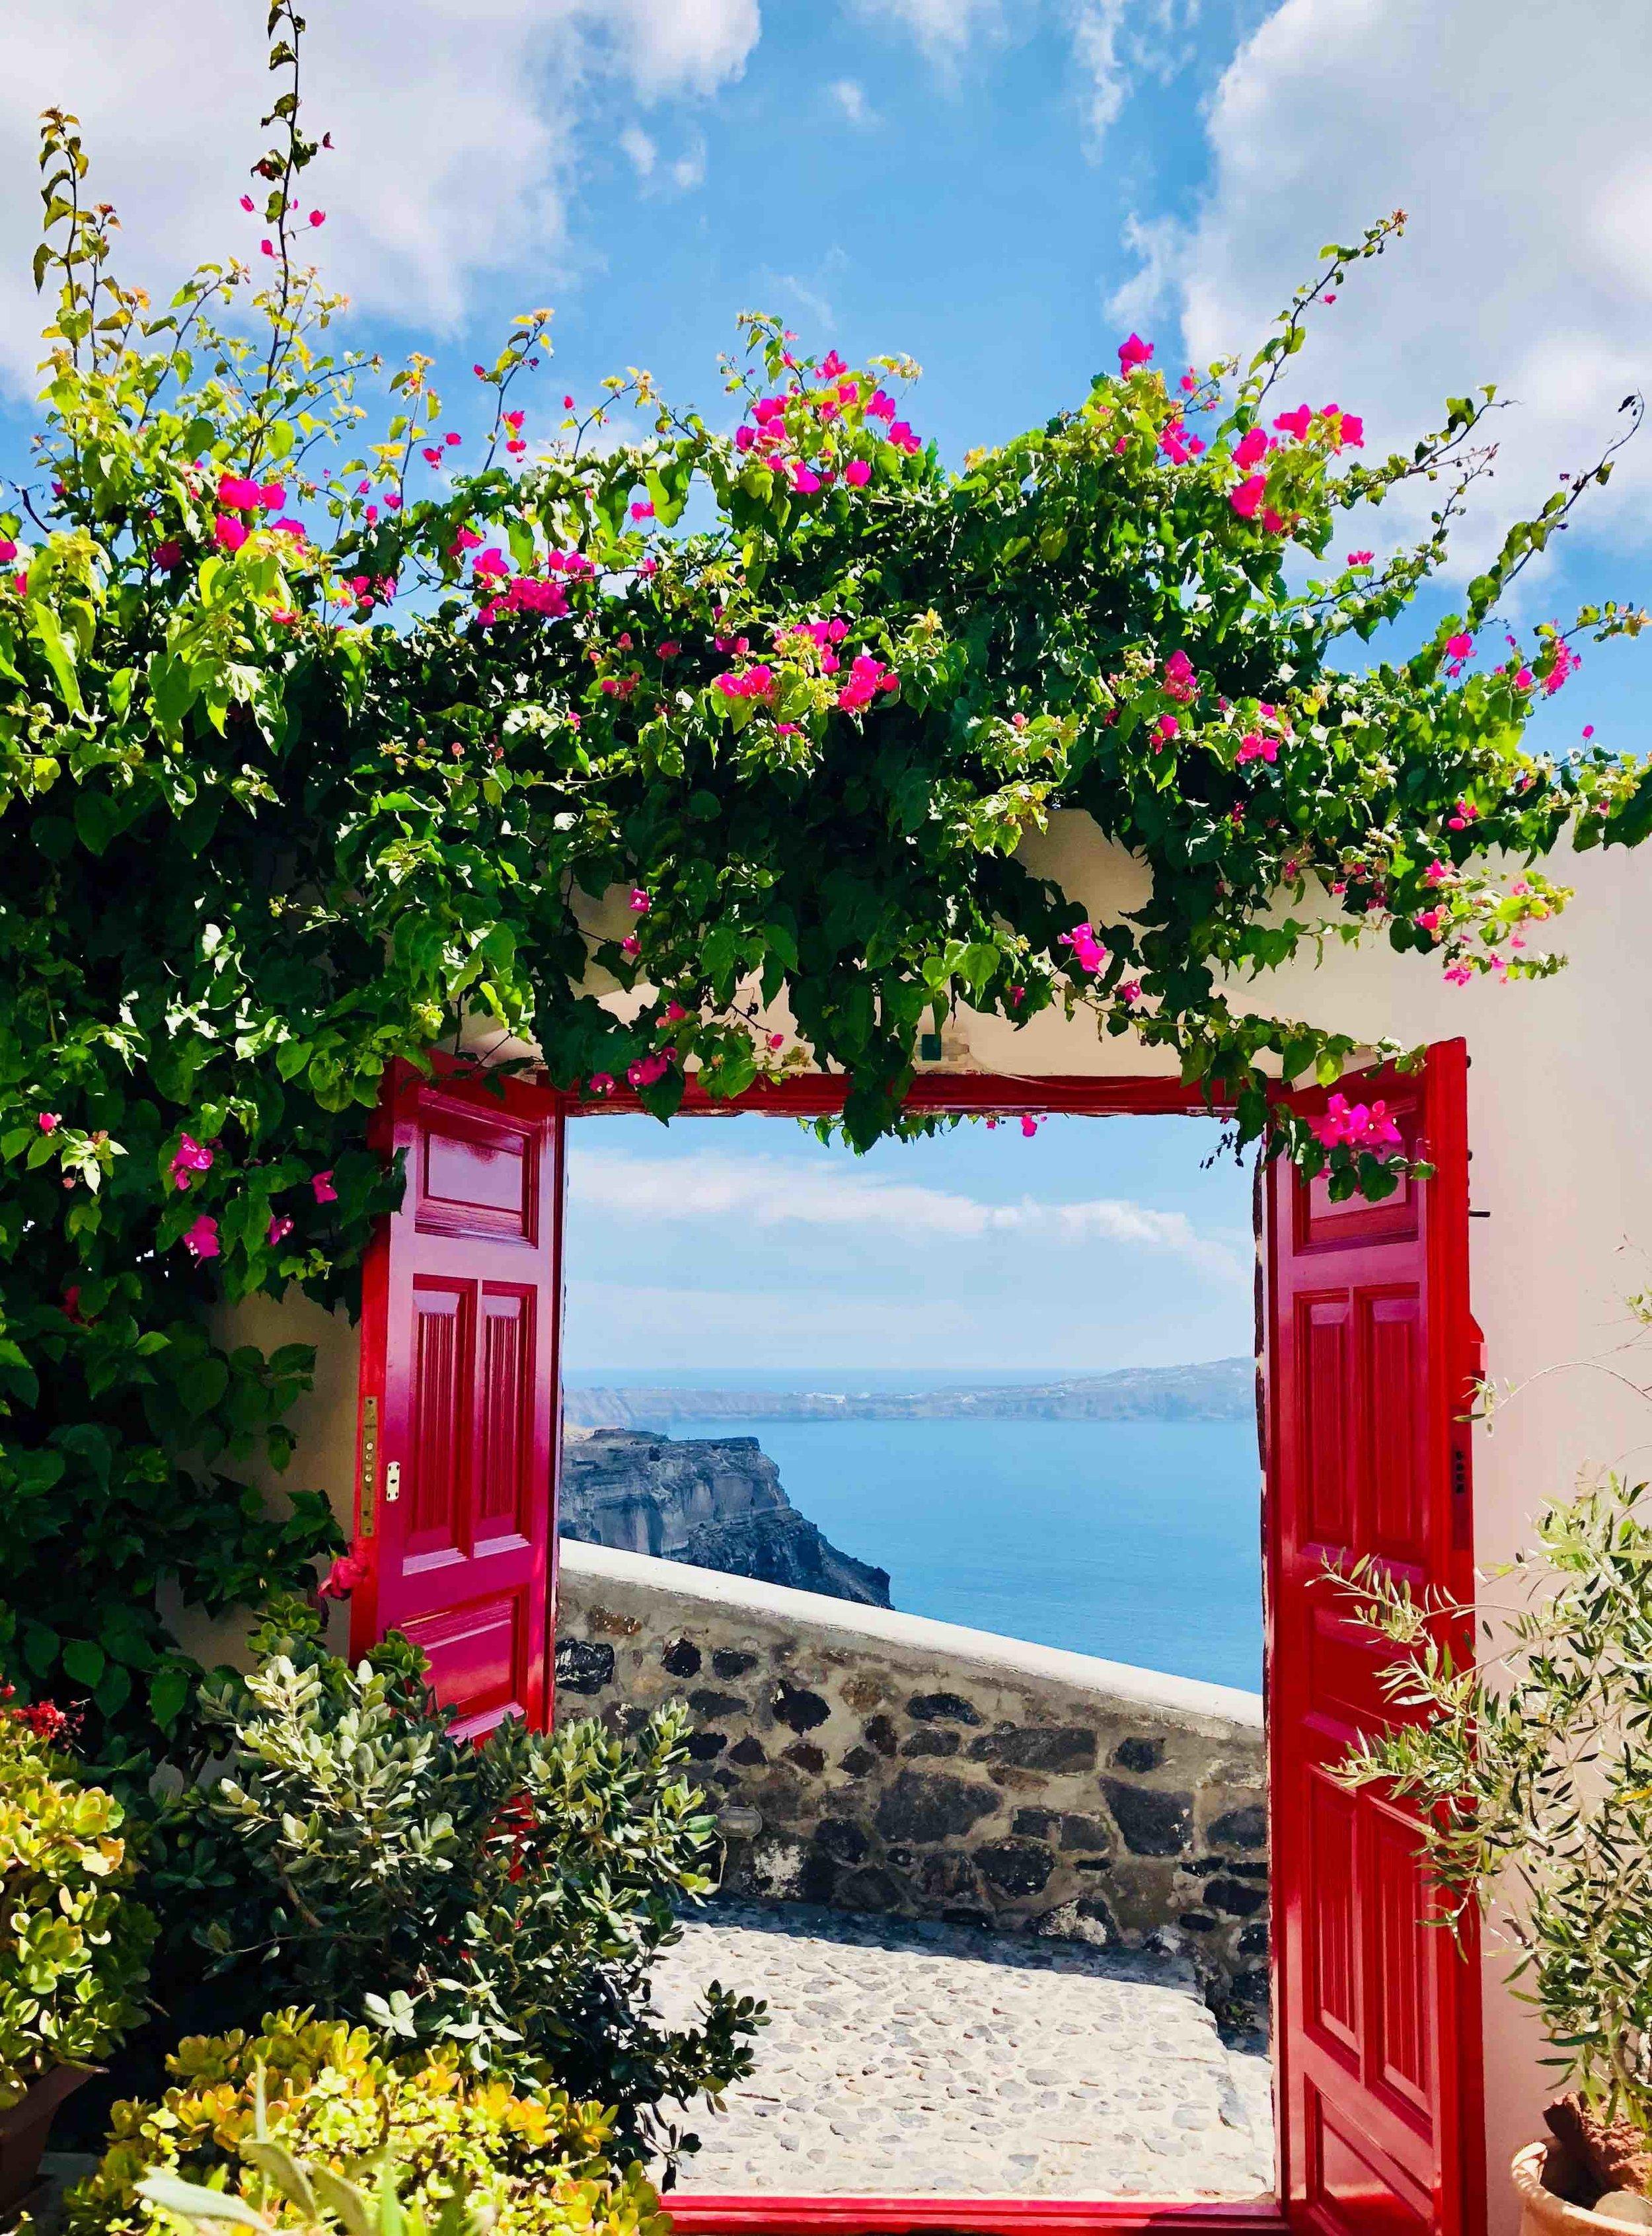 Entrance to Aigialos Hotel